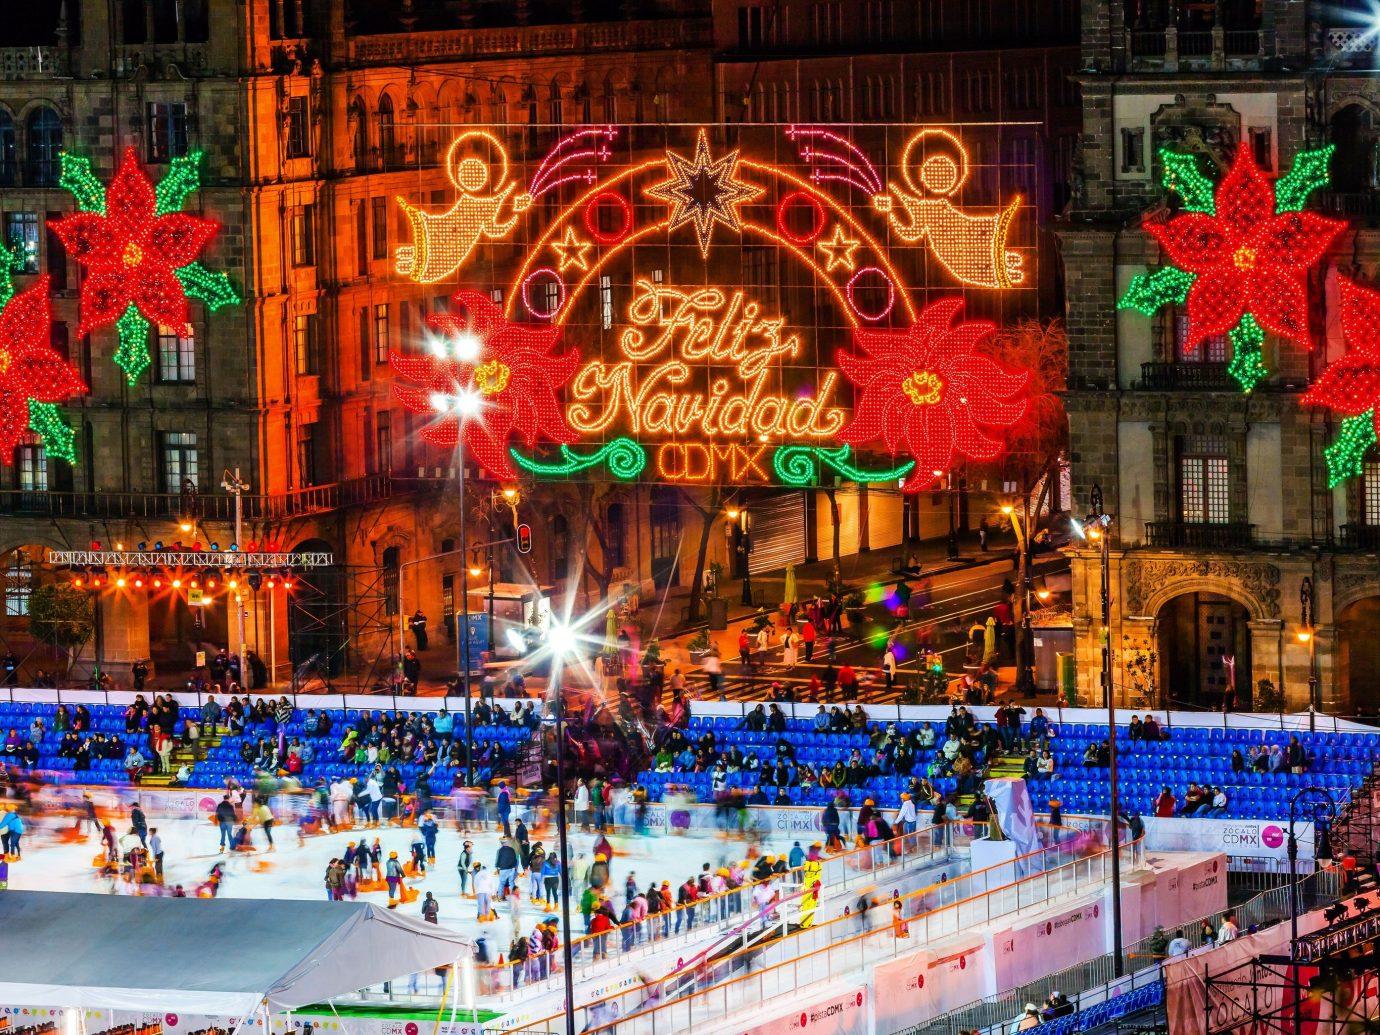 Trip Ideas amusement park Christmas festival carnival